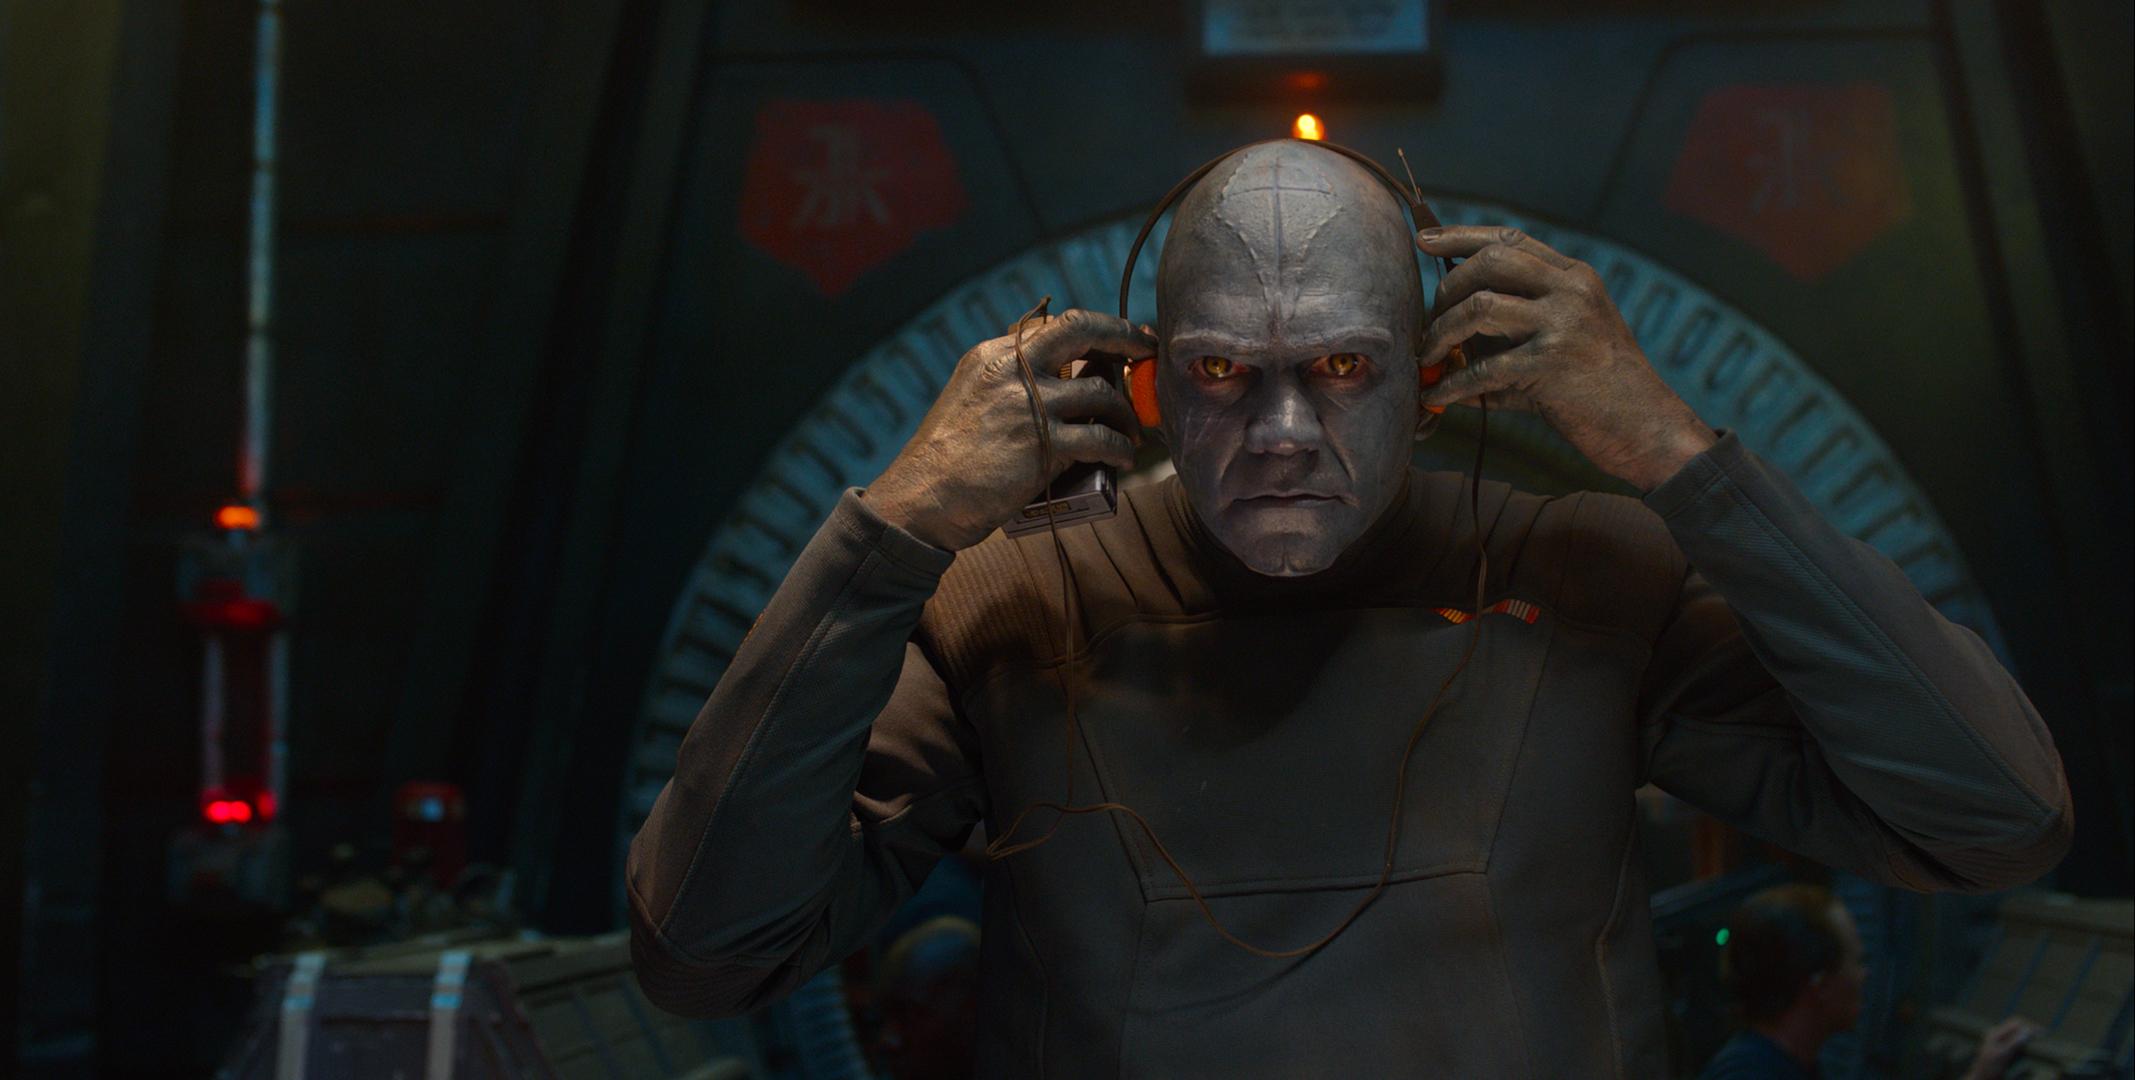 intergalactic movie 2014 trailer - HD1500×844